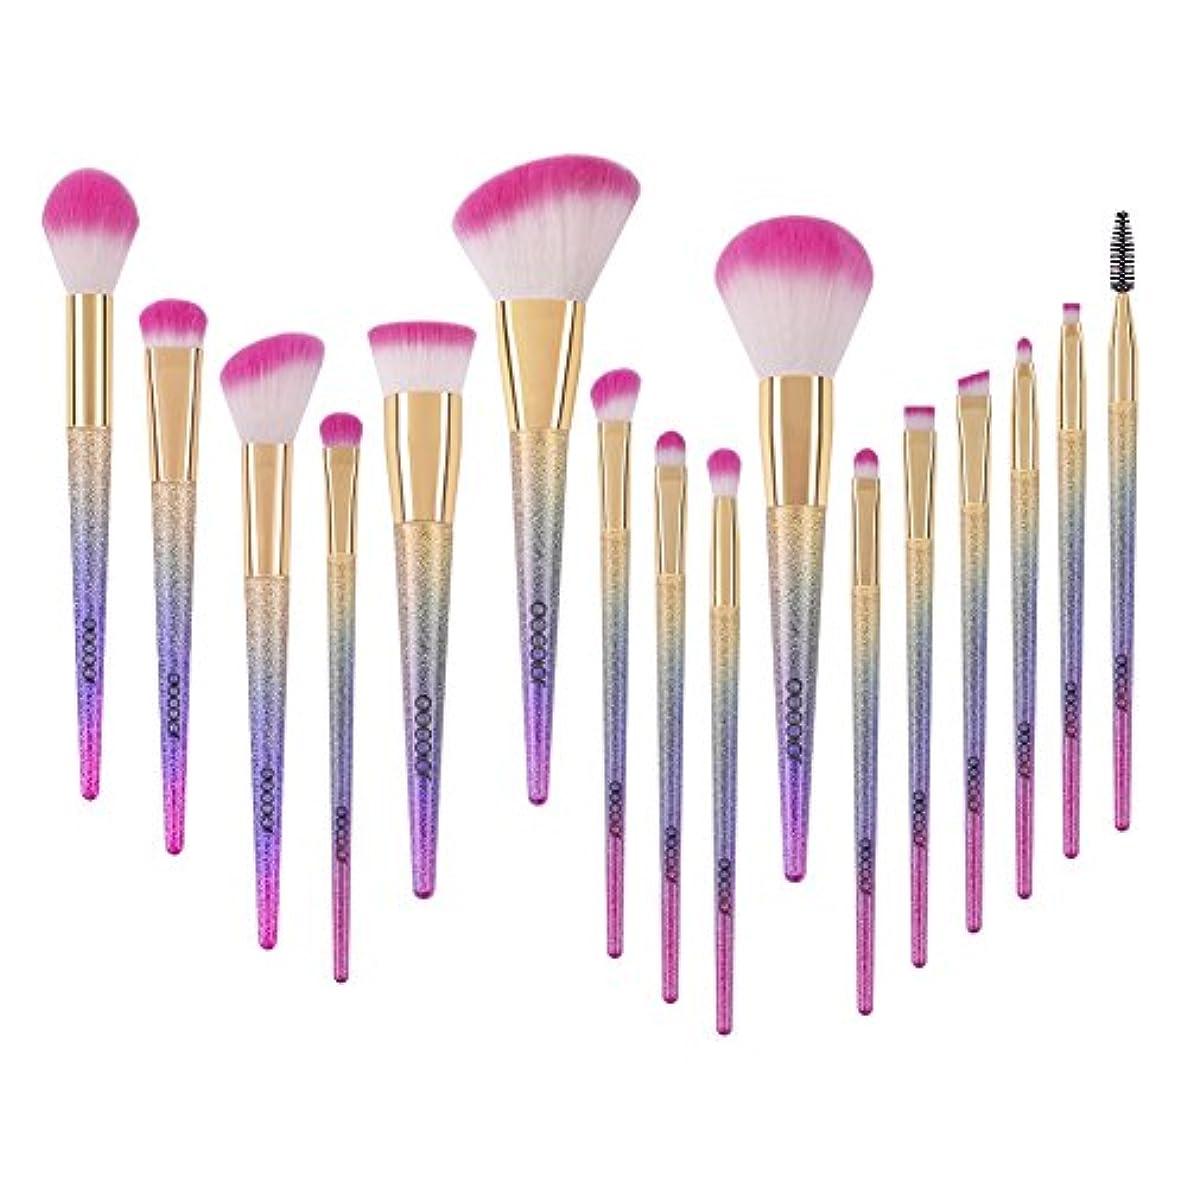 下向き有望記述するDocolor ドゥカラー 化粧筆 メイクブラシ 16本セット 欧米で大ブーム中のレインボーブラシ